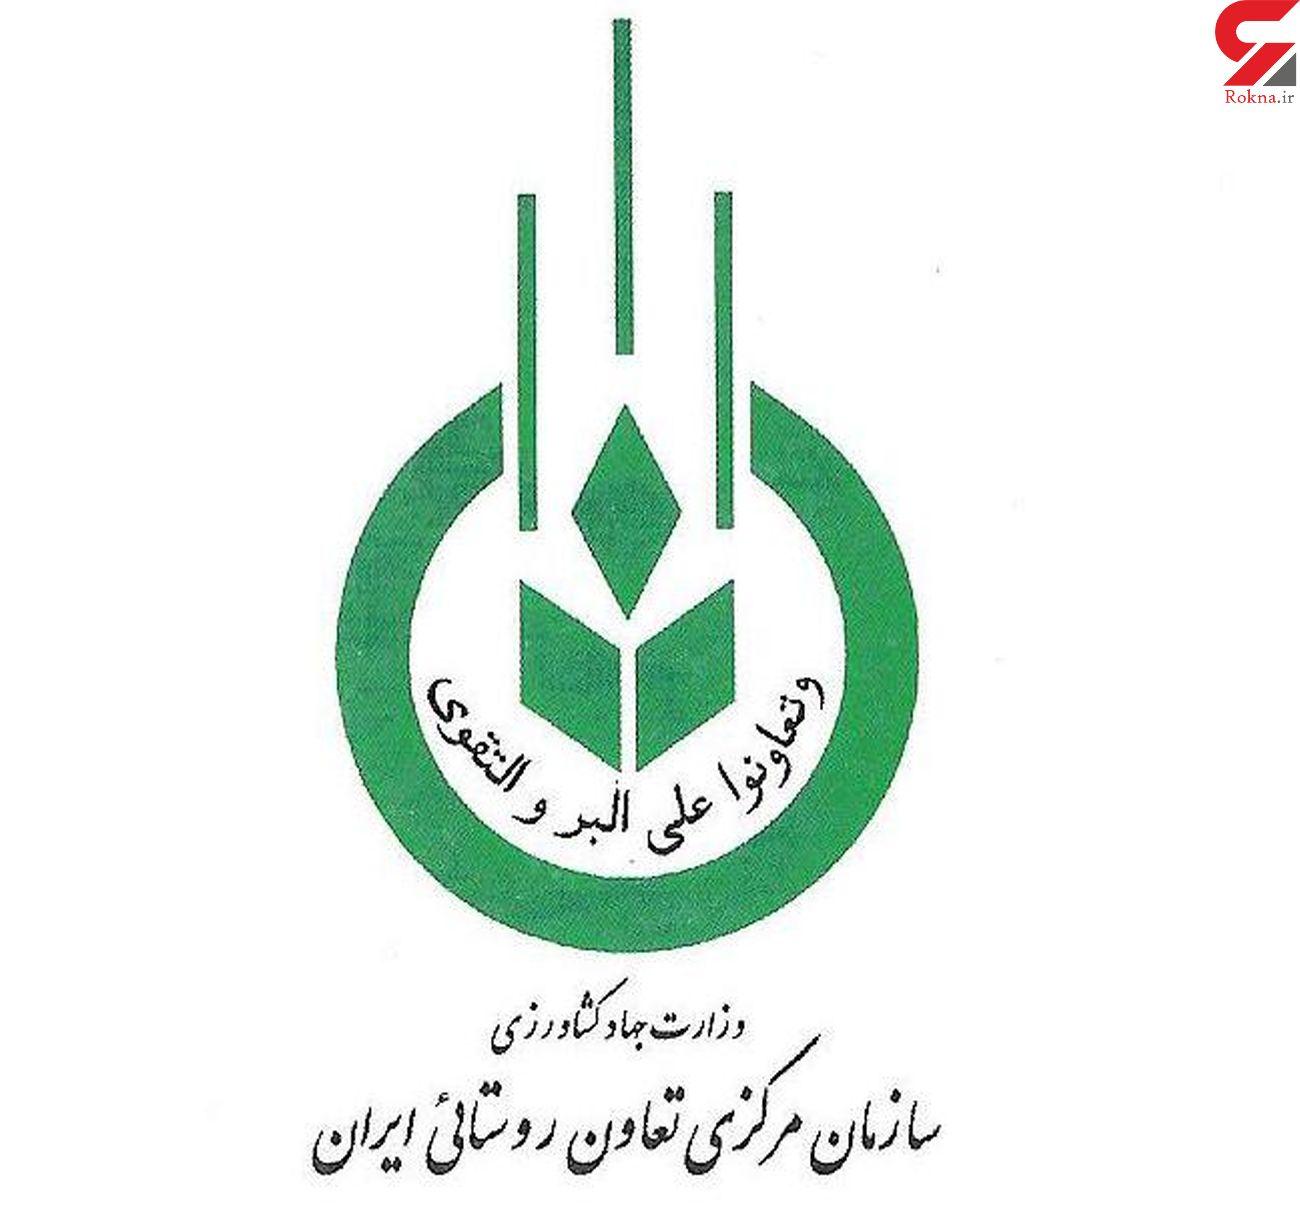 توزیع روغن خوراکی به قیمت منصوب ستاد تنظیم بازار.